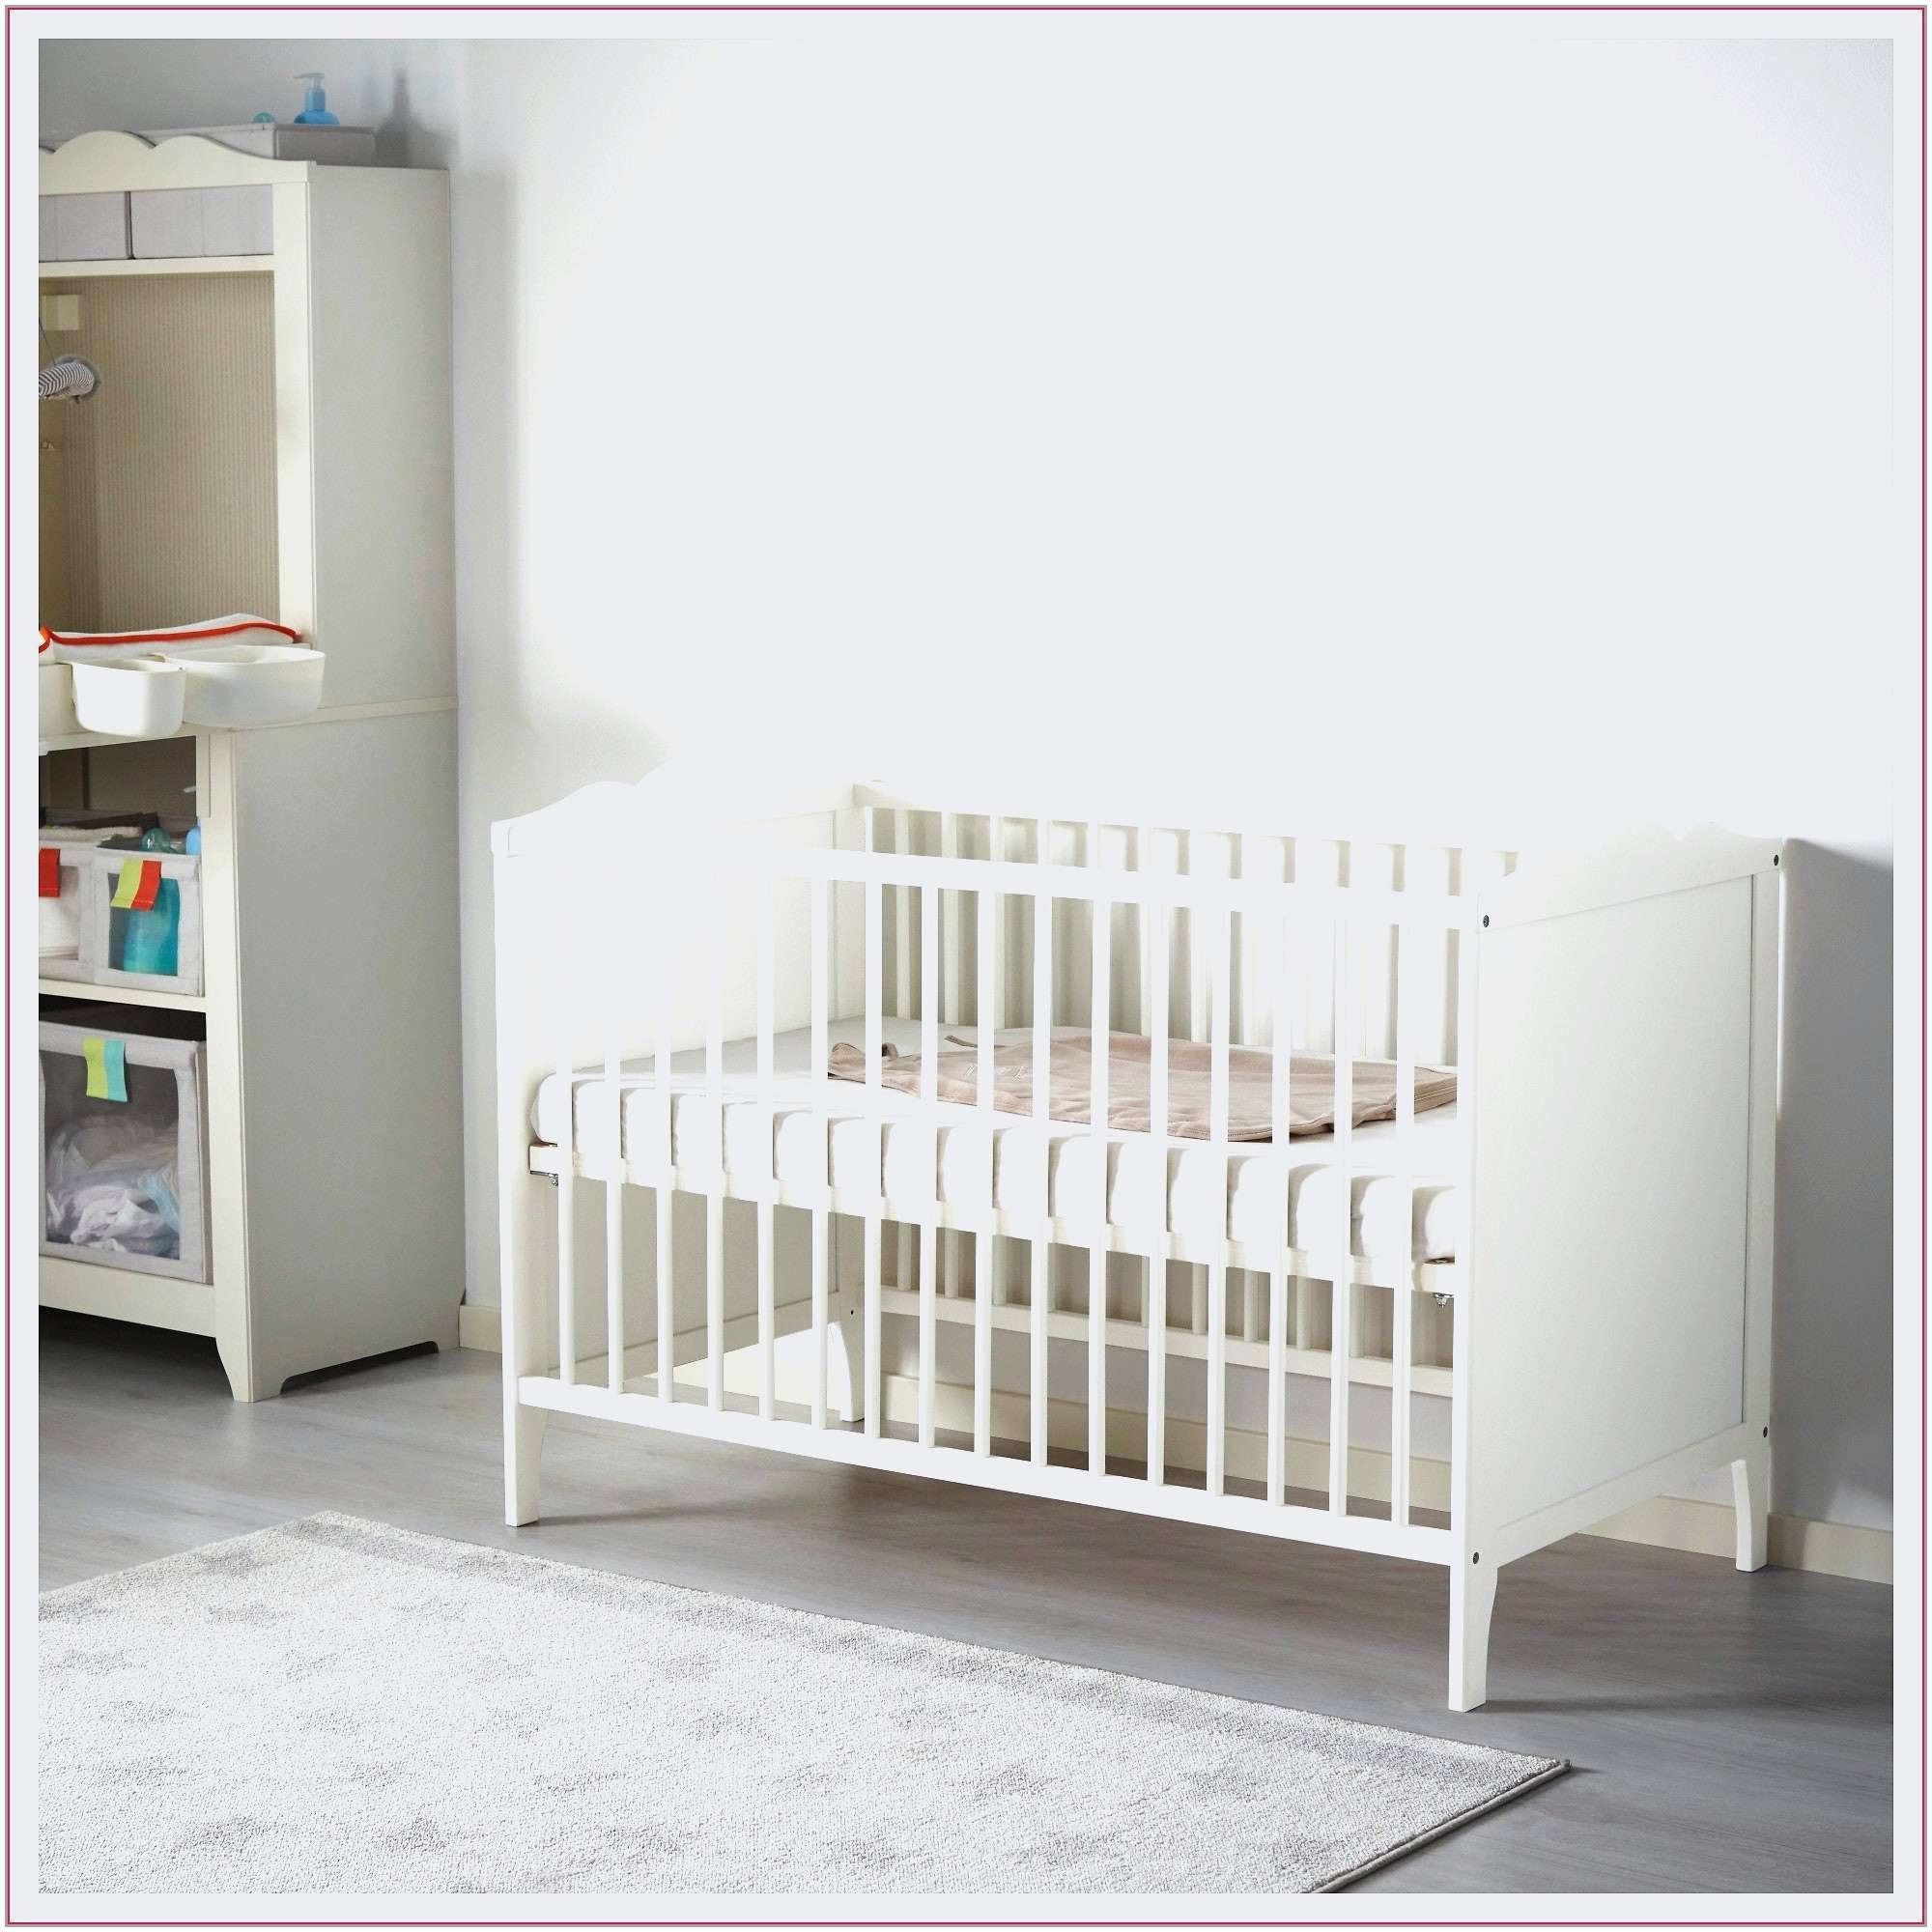 Lit Enfant Superposé Fraîche Beau Chambre Bébé Ikea Elegant Article with Tag Ikea Lit Mezzanine